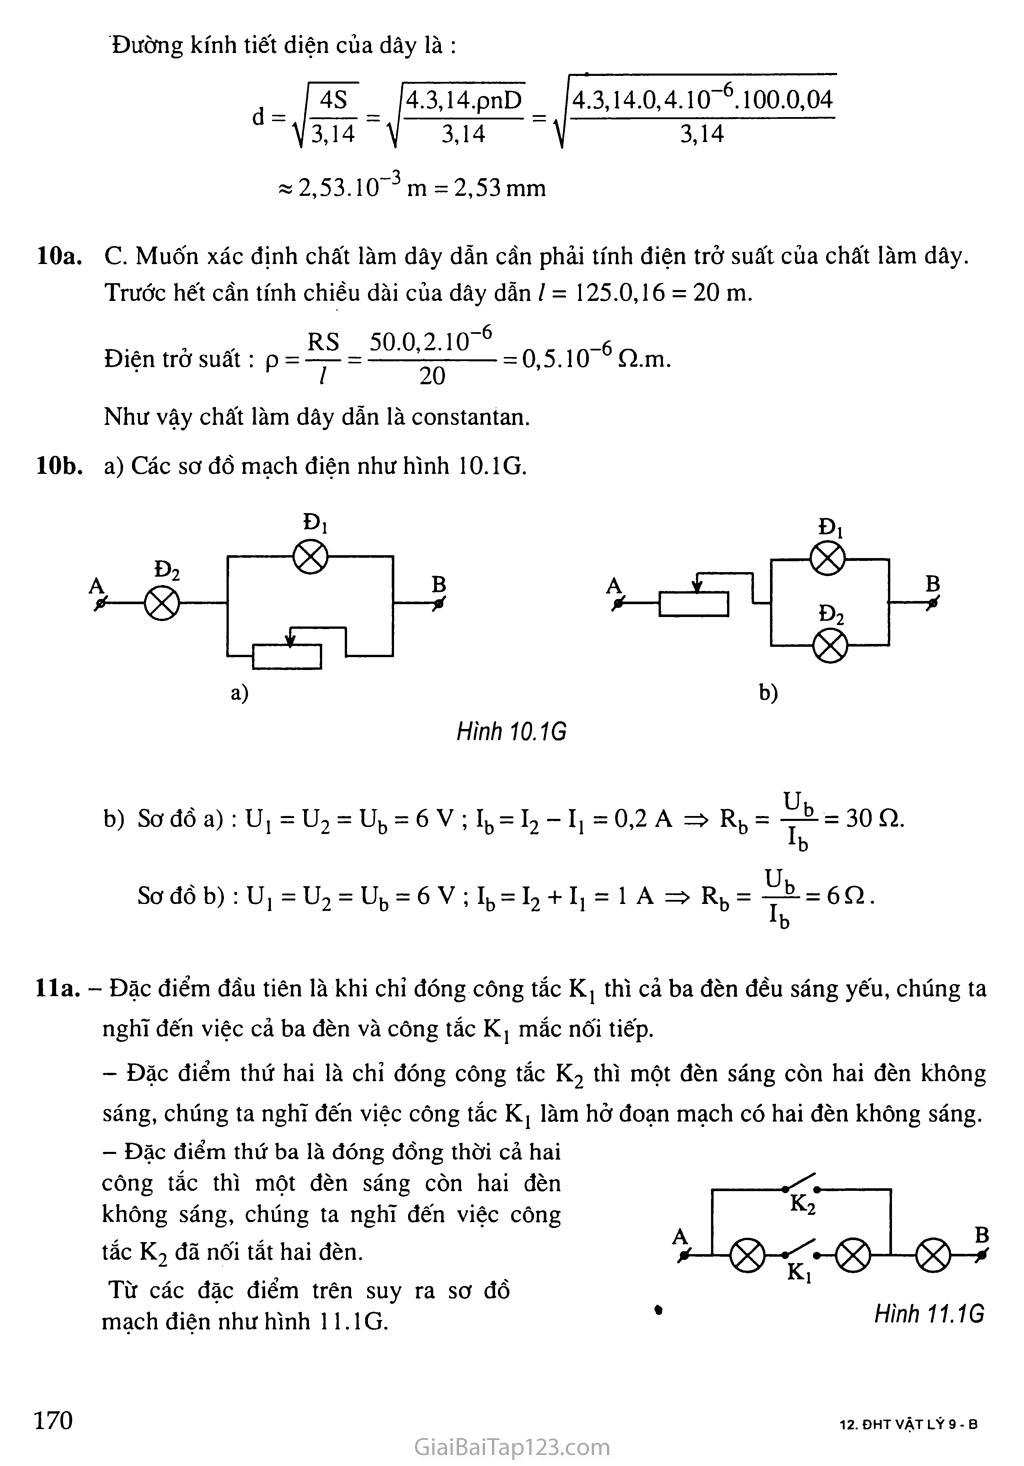 Hướng dẫn giải các bài tập bổ sung trang 6